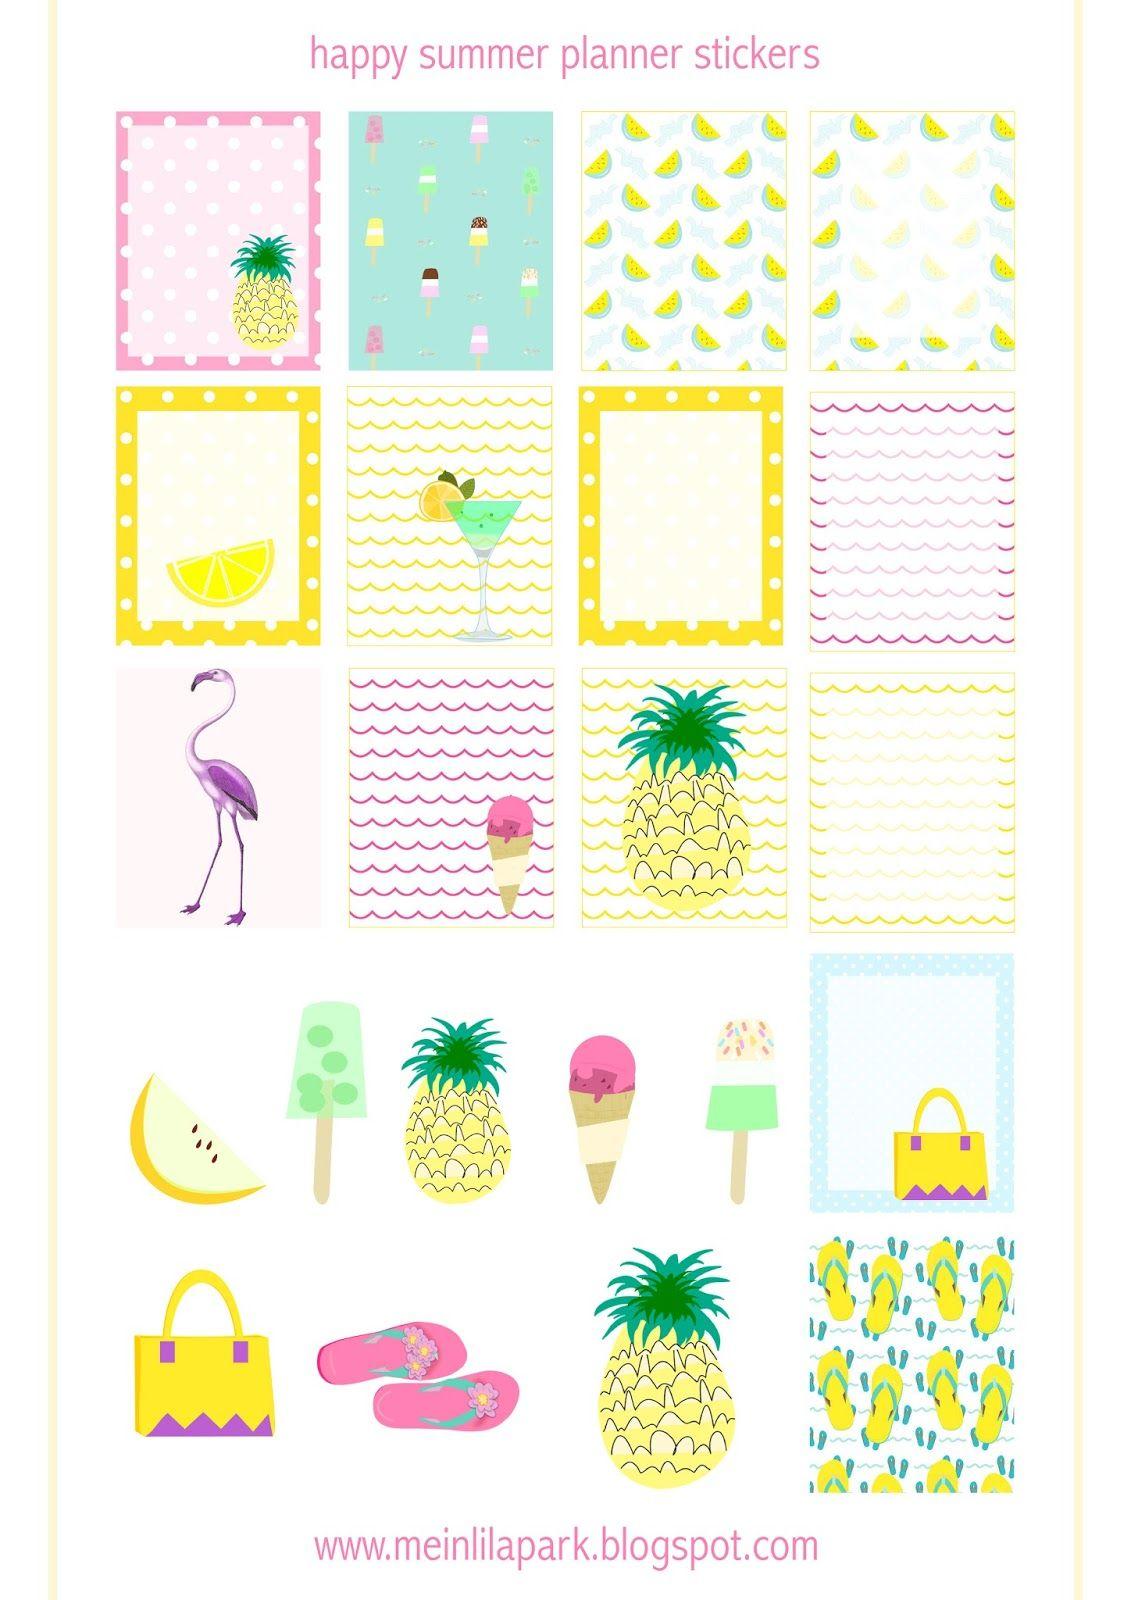 Free Printable Summer Planner Stickers Ausdruckbare Etiketten